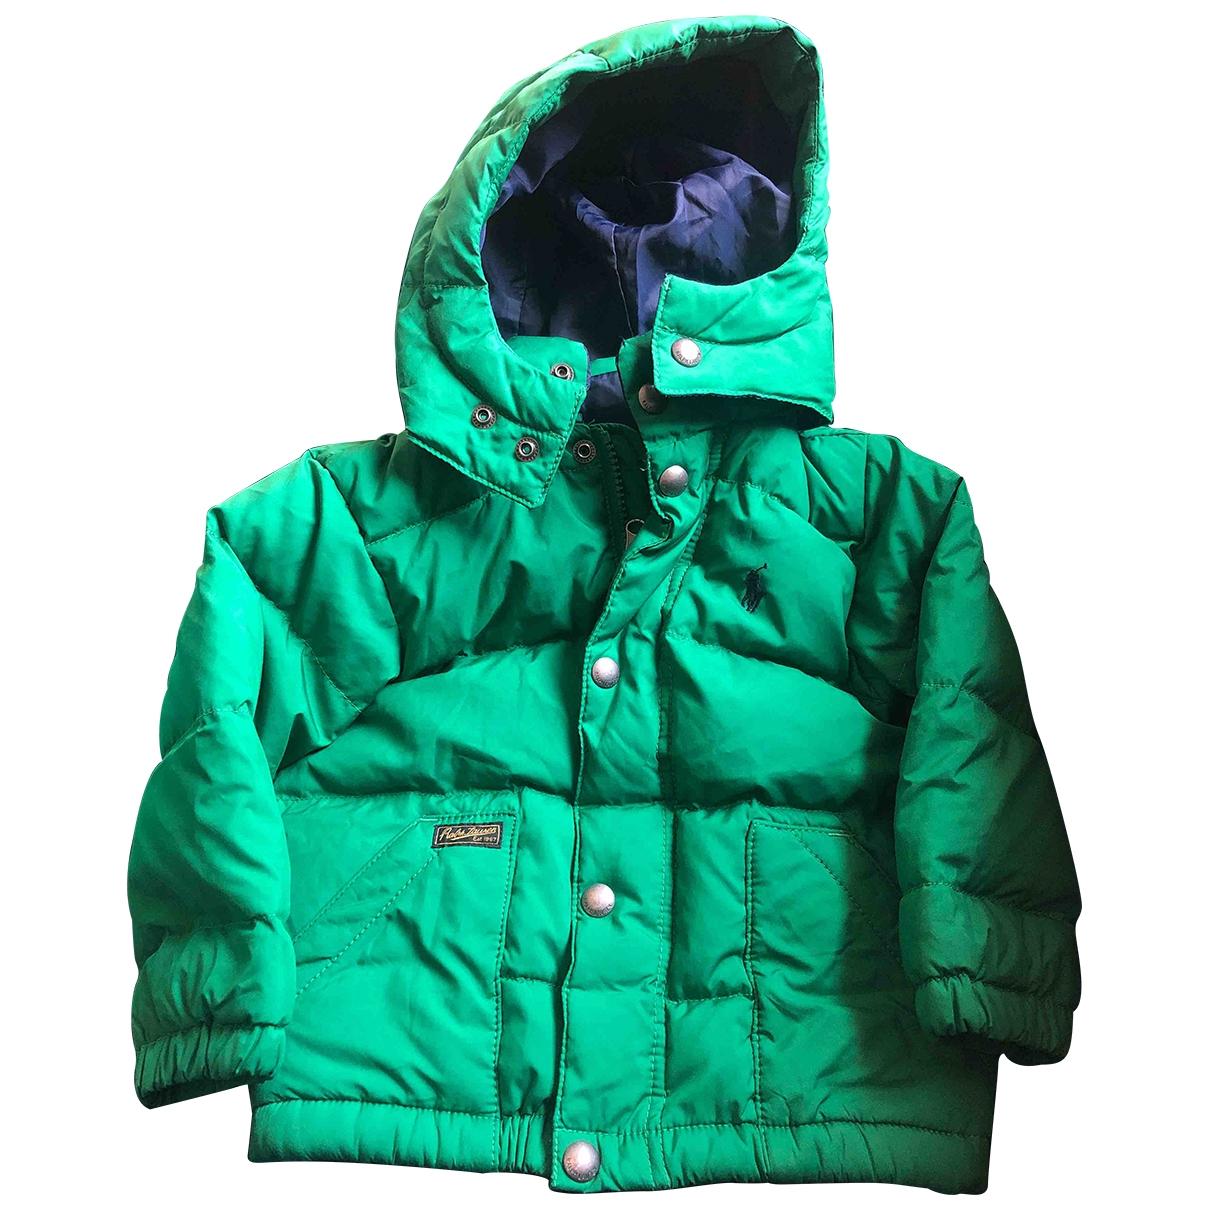 Polo Ralph Lauren - Blousons.Manteaux   pour enfant - vert